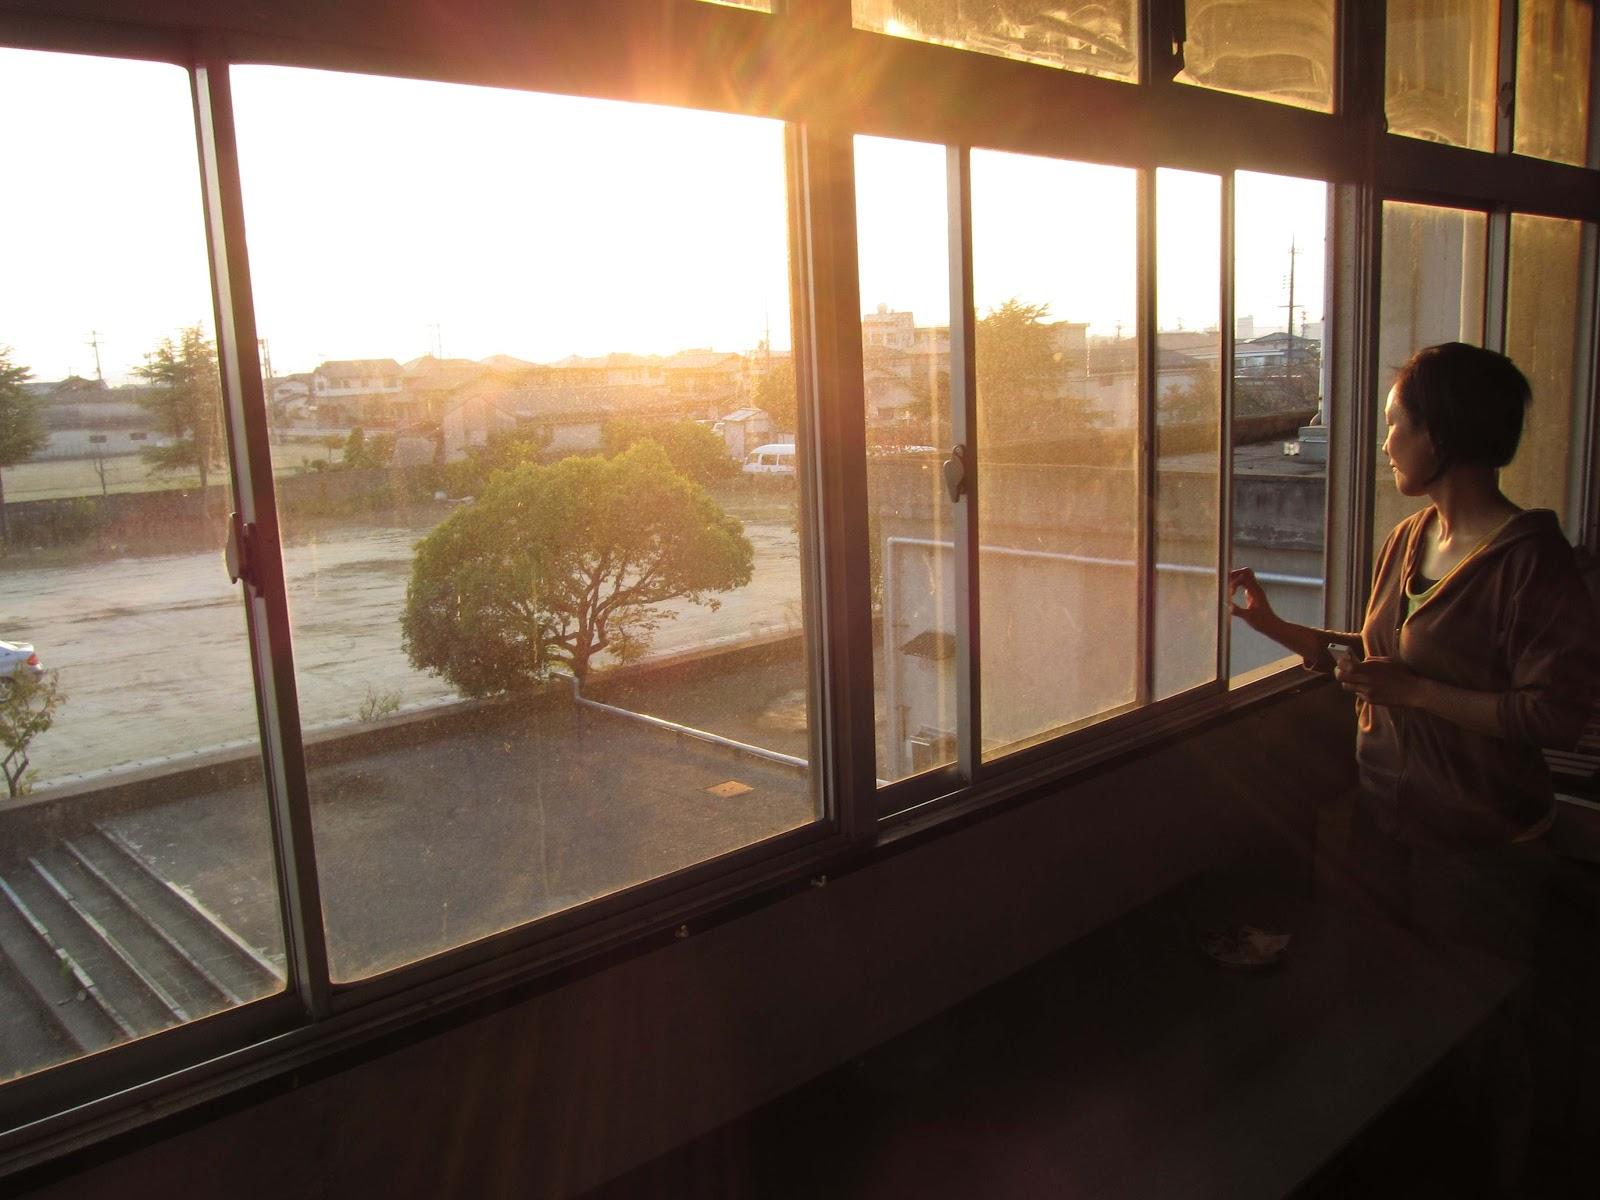 窓辺にたたずむミンファさんも なんだが物憂げに見えたりします。が…  朝鮮学校ダイアローグ bl